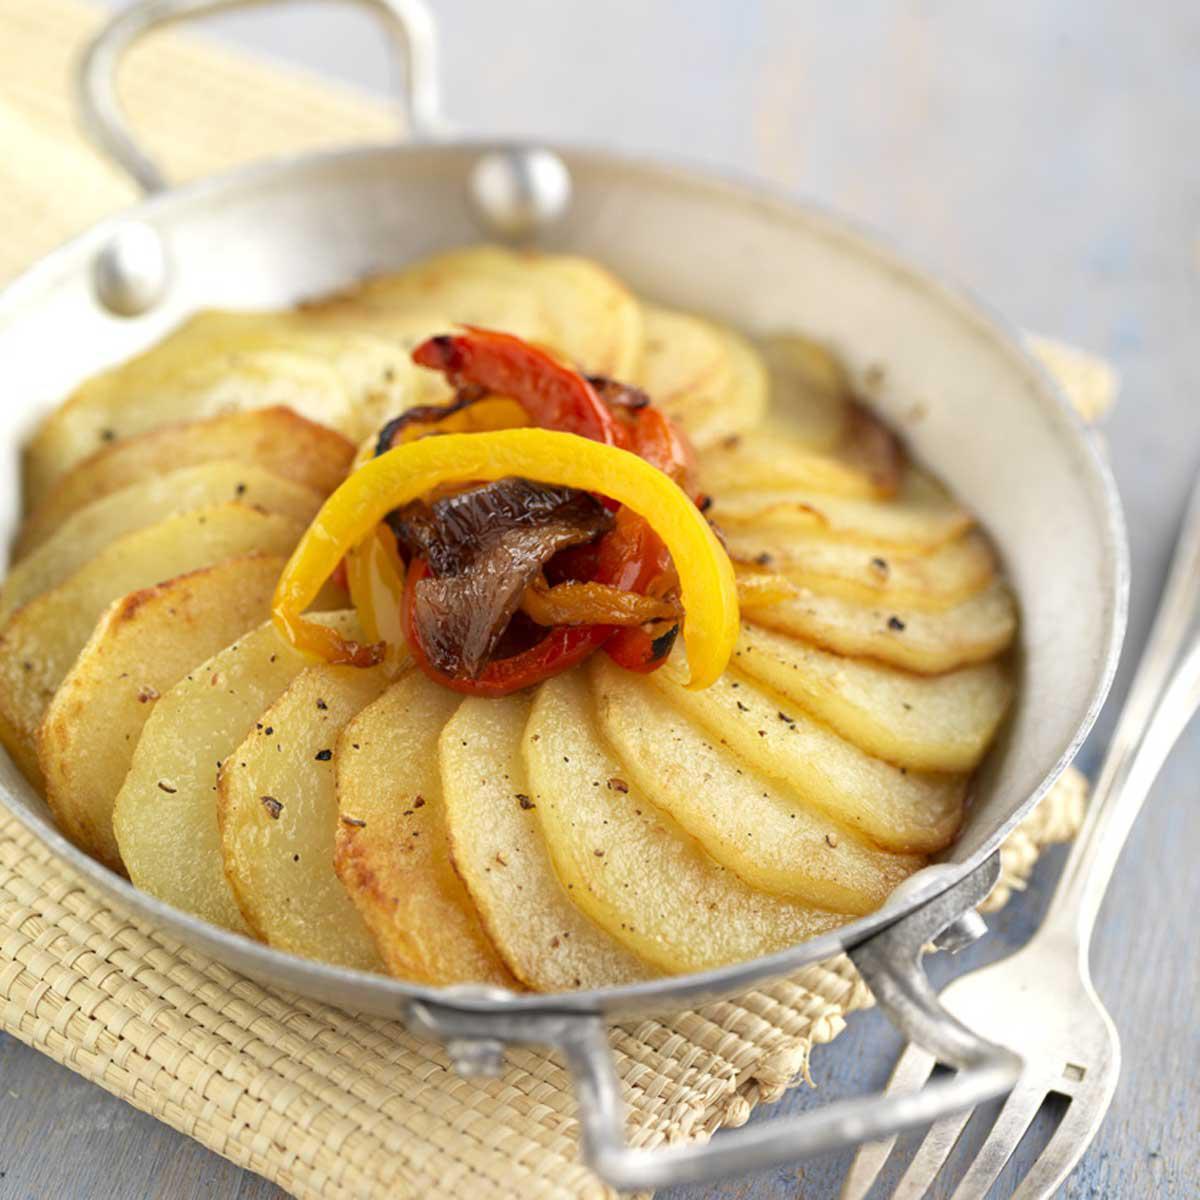 Les astuces culinaires pour duper les enfants et leur - Accompagnement repas de noel ...